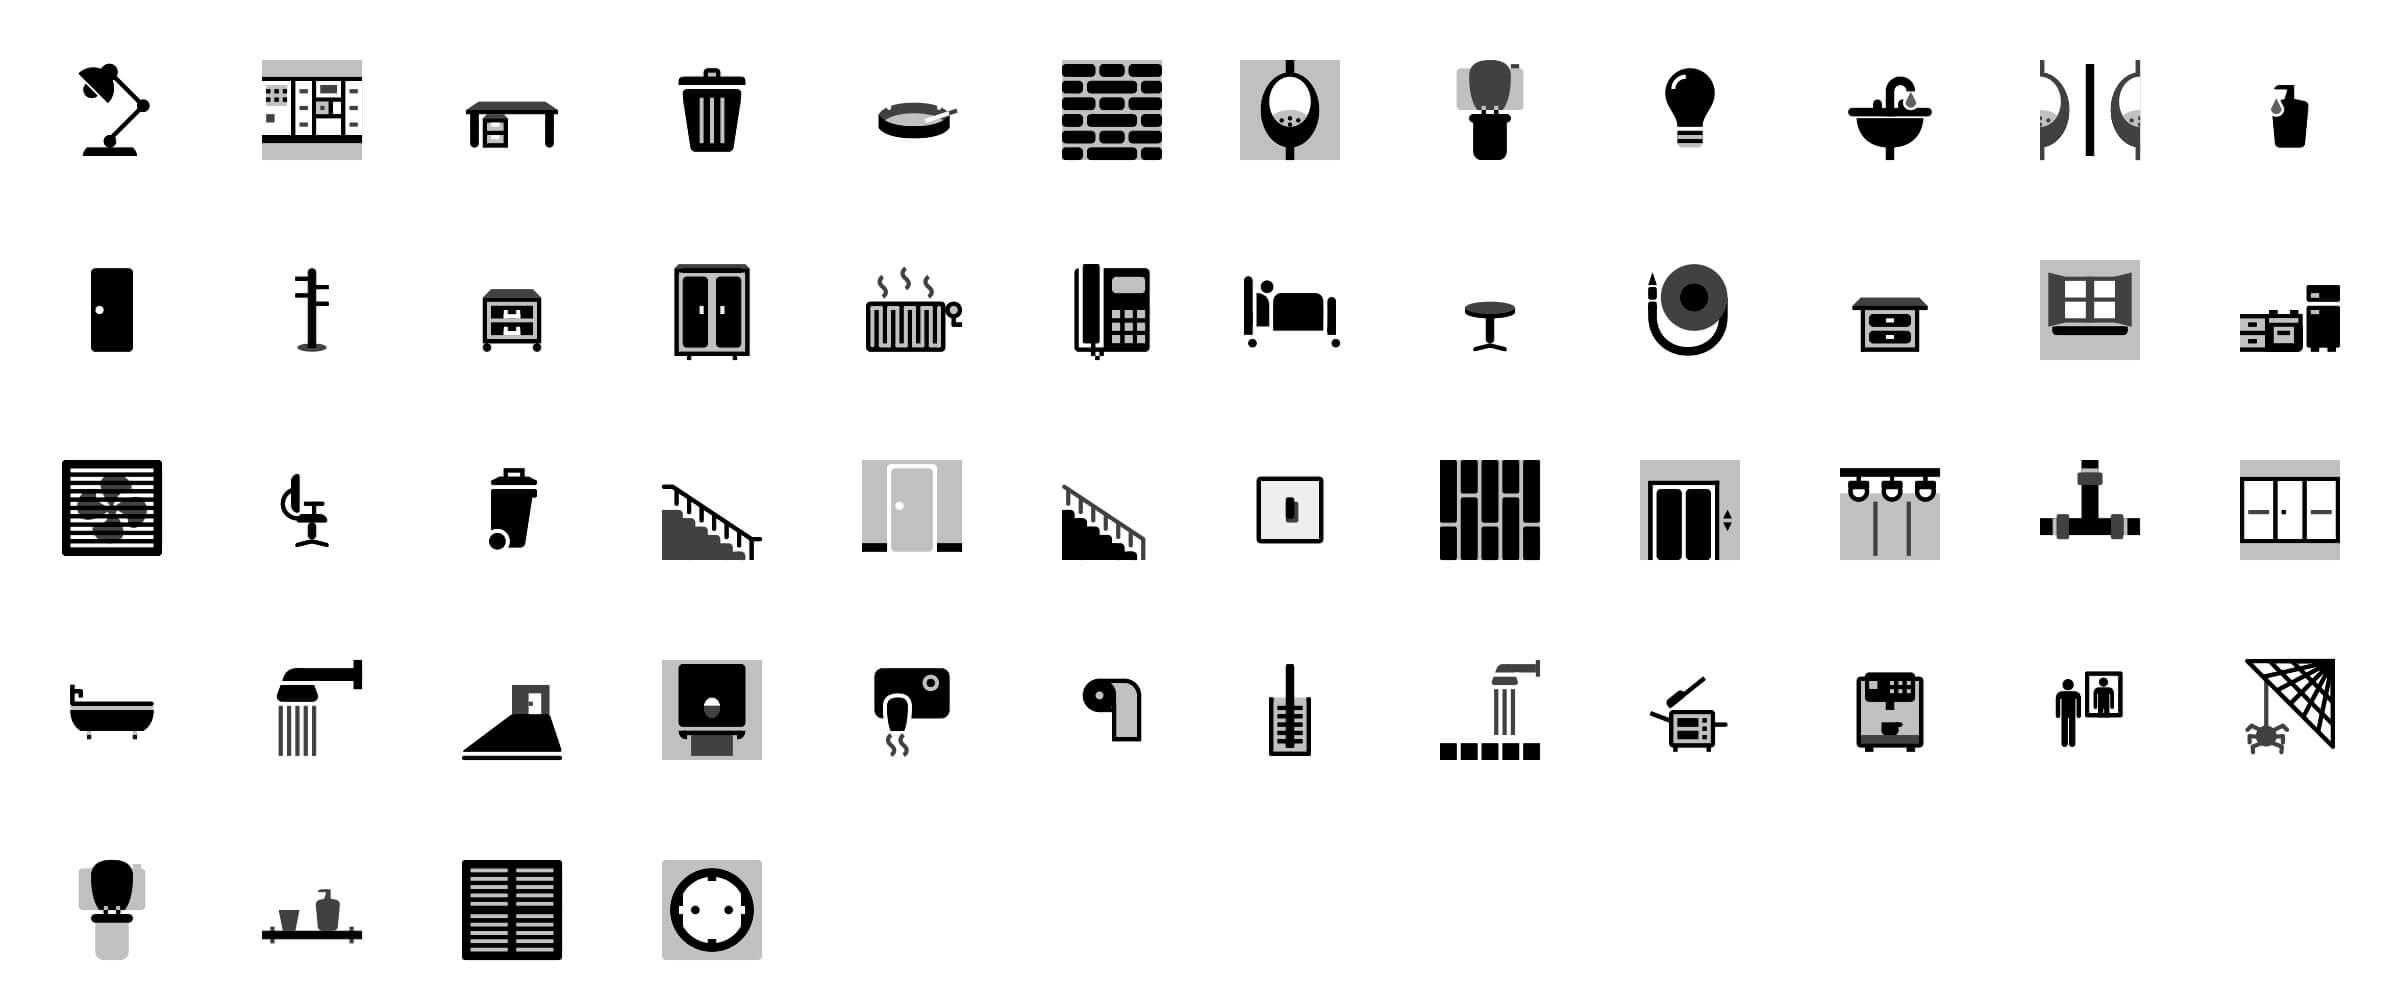 hago-icons-02-grey